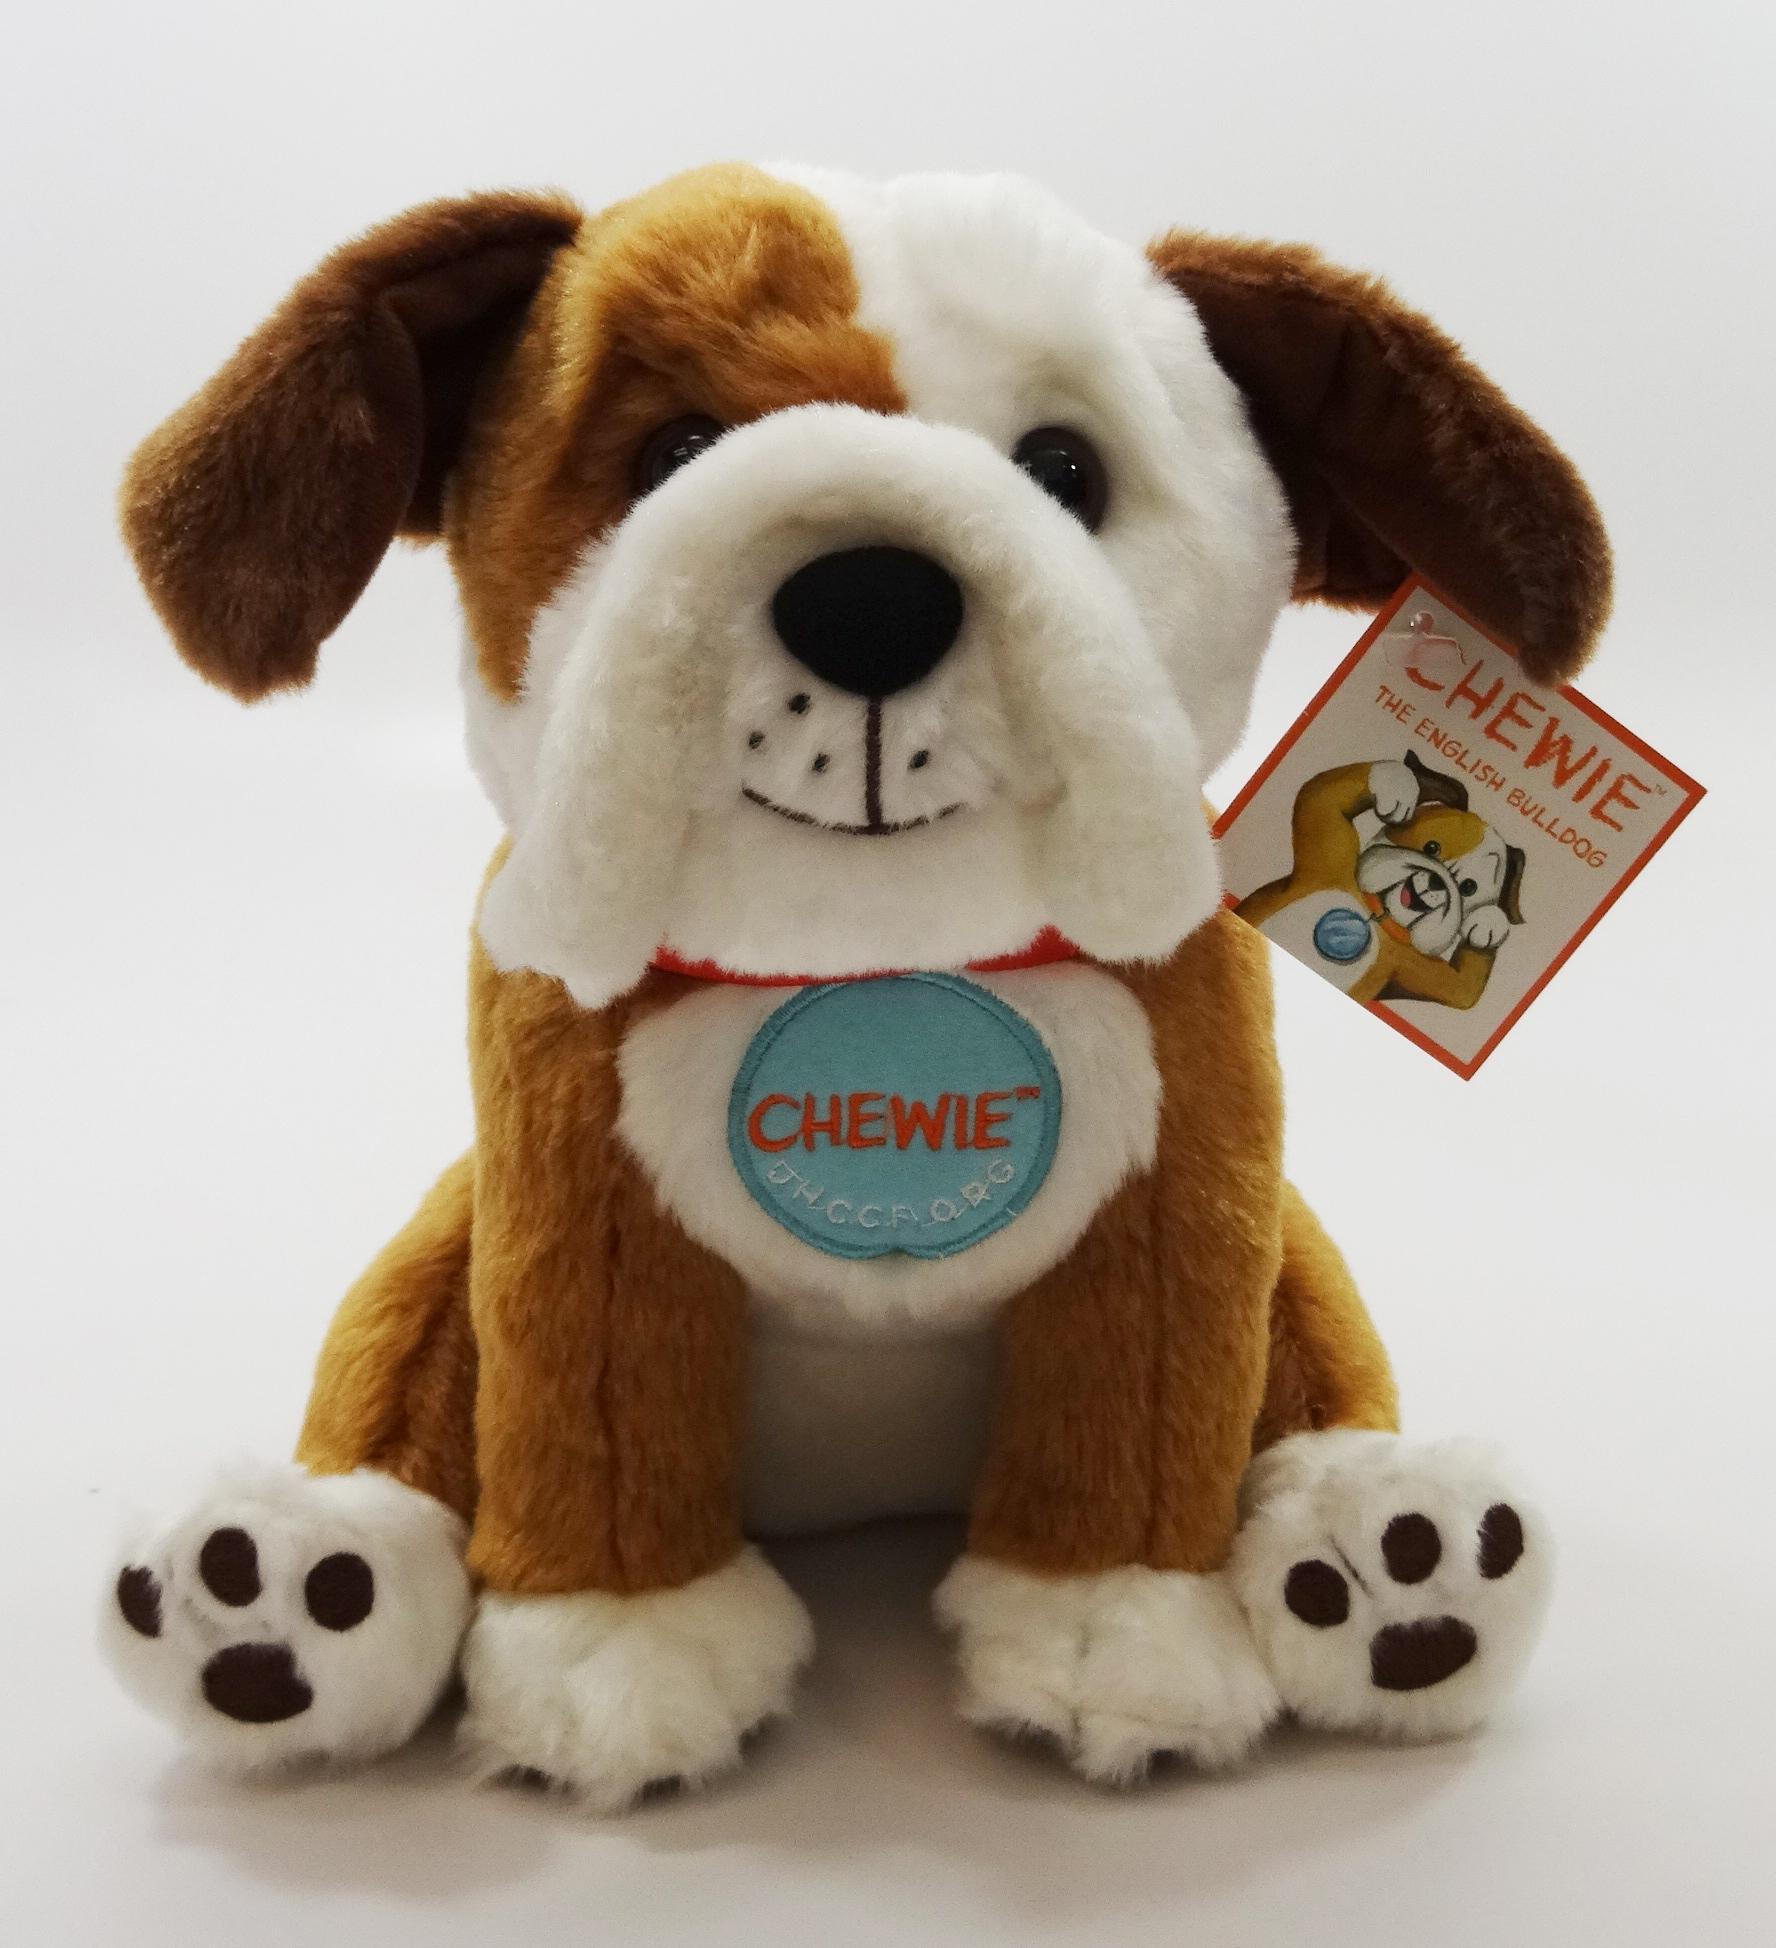 Douglas Recalls Plush Toys Due to Choking Hazard | CPSC.gov